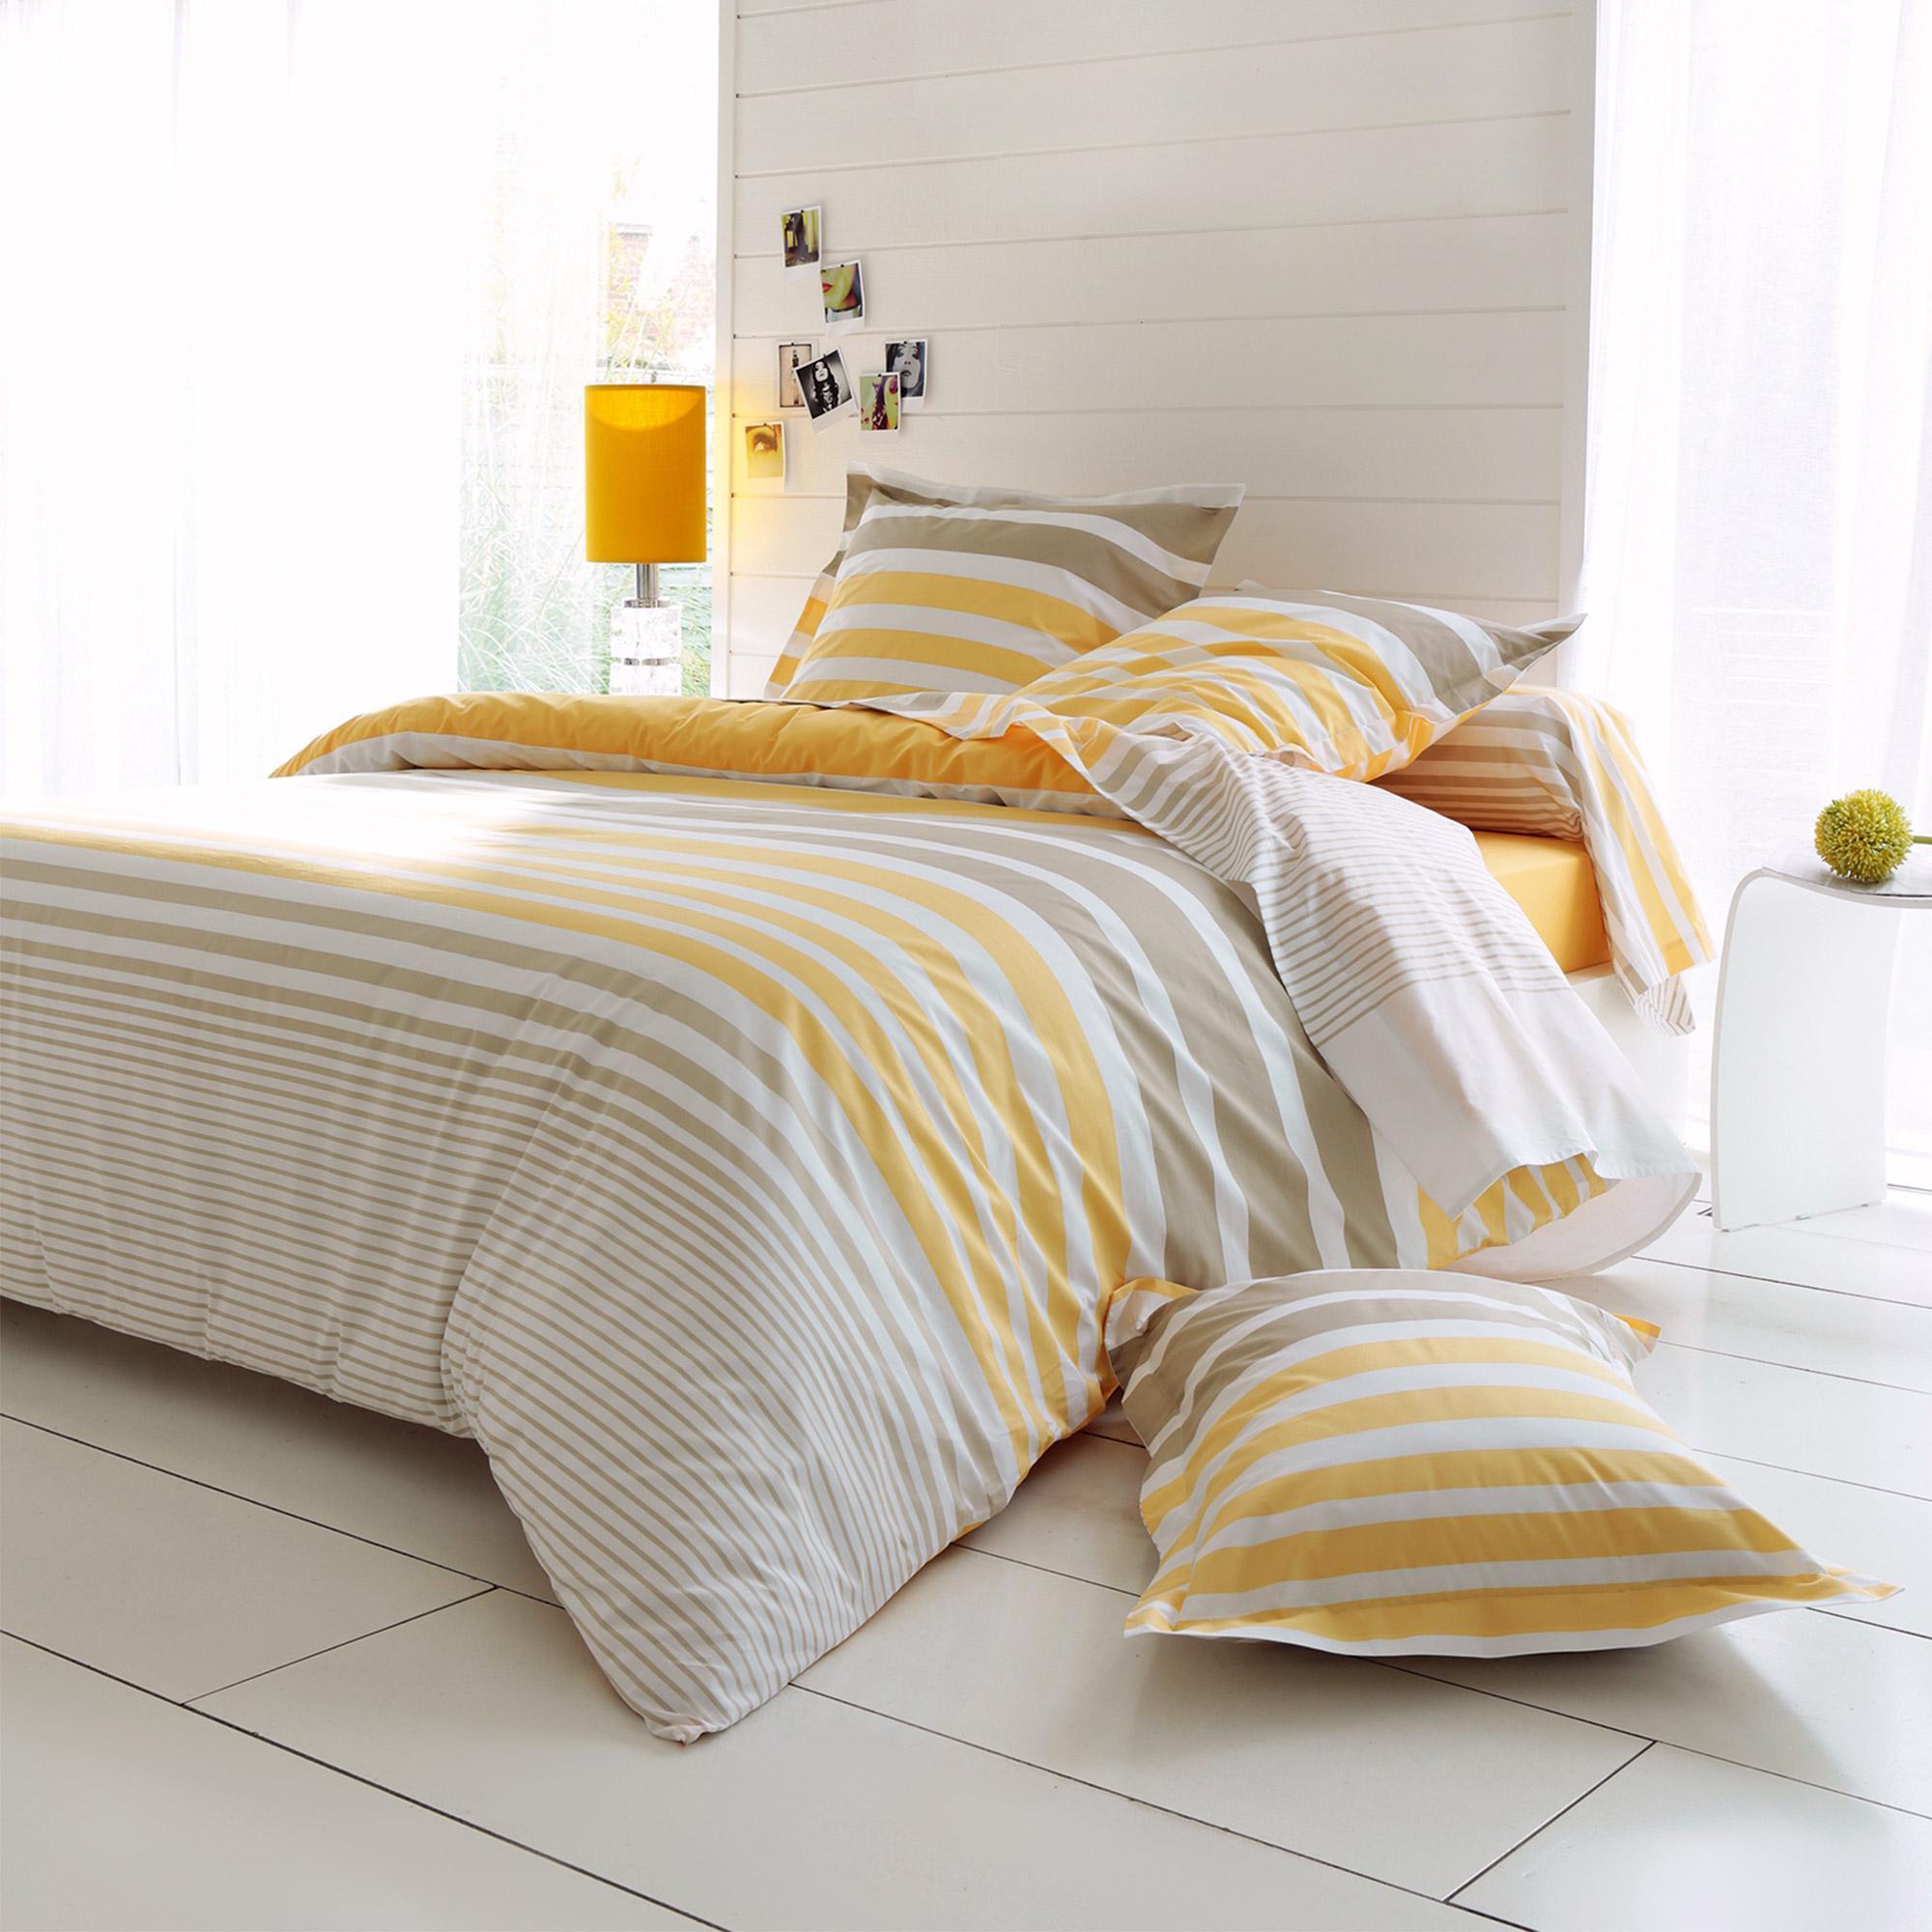 parure de lit 260x240 cm percale pur coton stripe narcisse jaune 3 pi ces linnea linge de. Black Bedroom Furniture Sets. Home Design Ideas